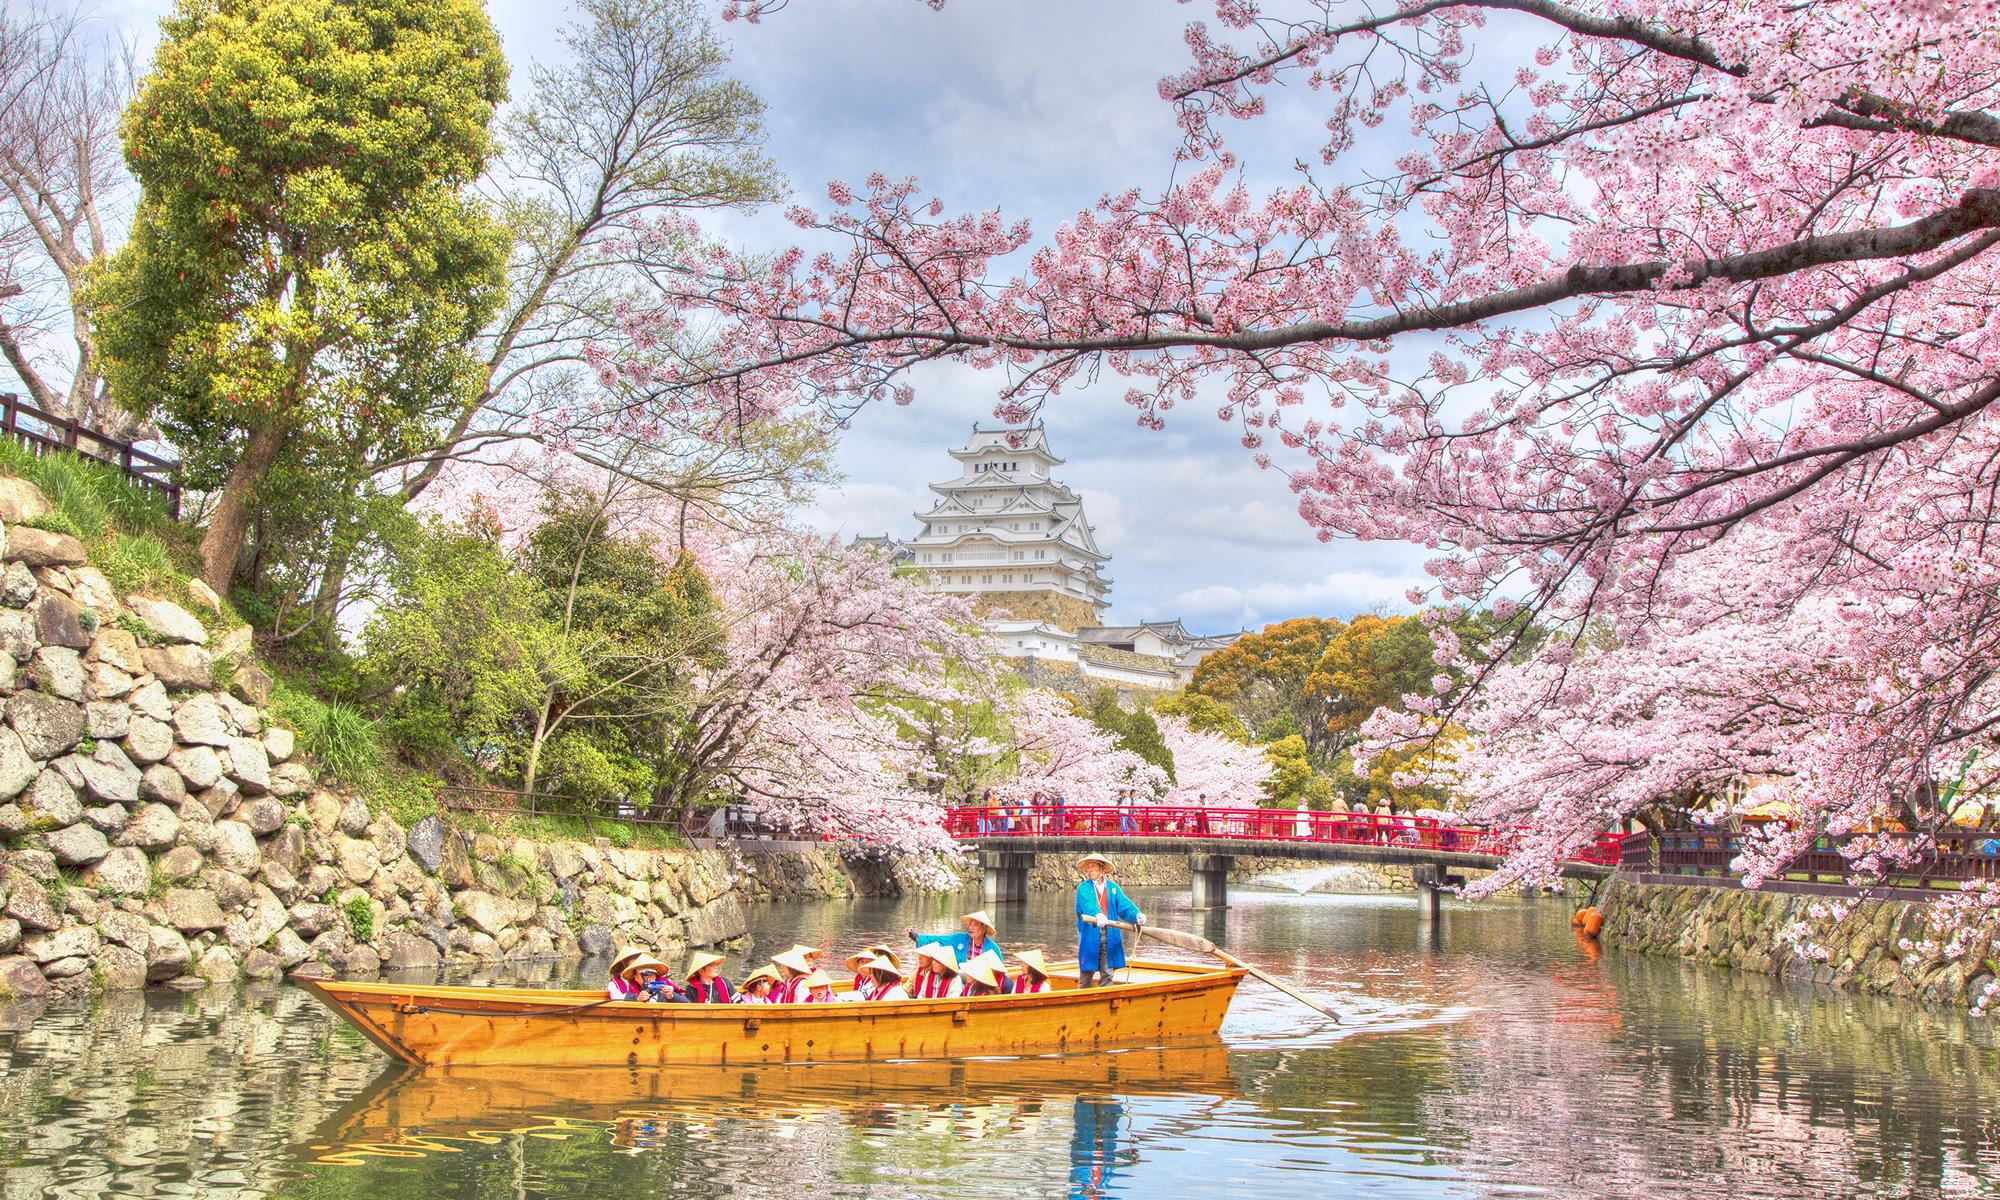 castello himeji in primavera sakura